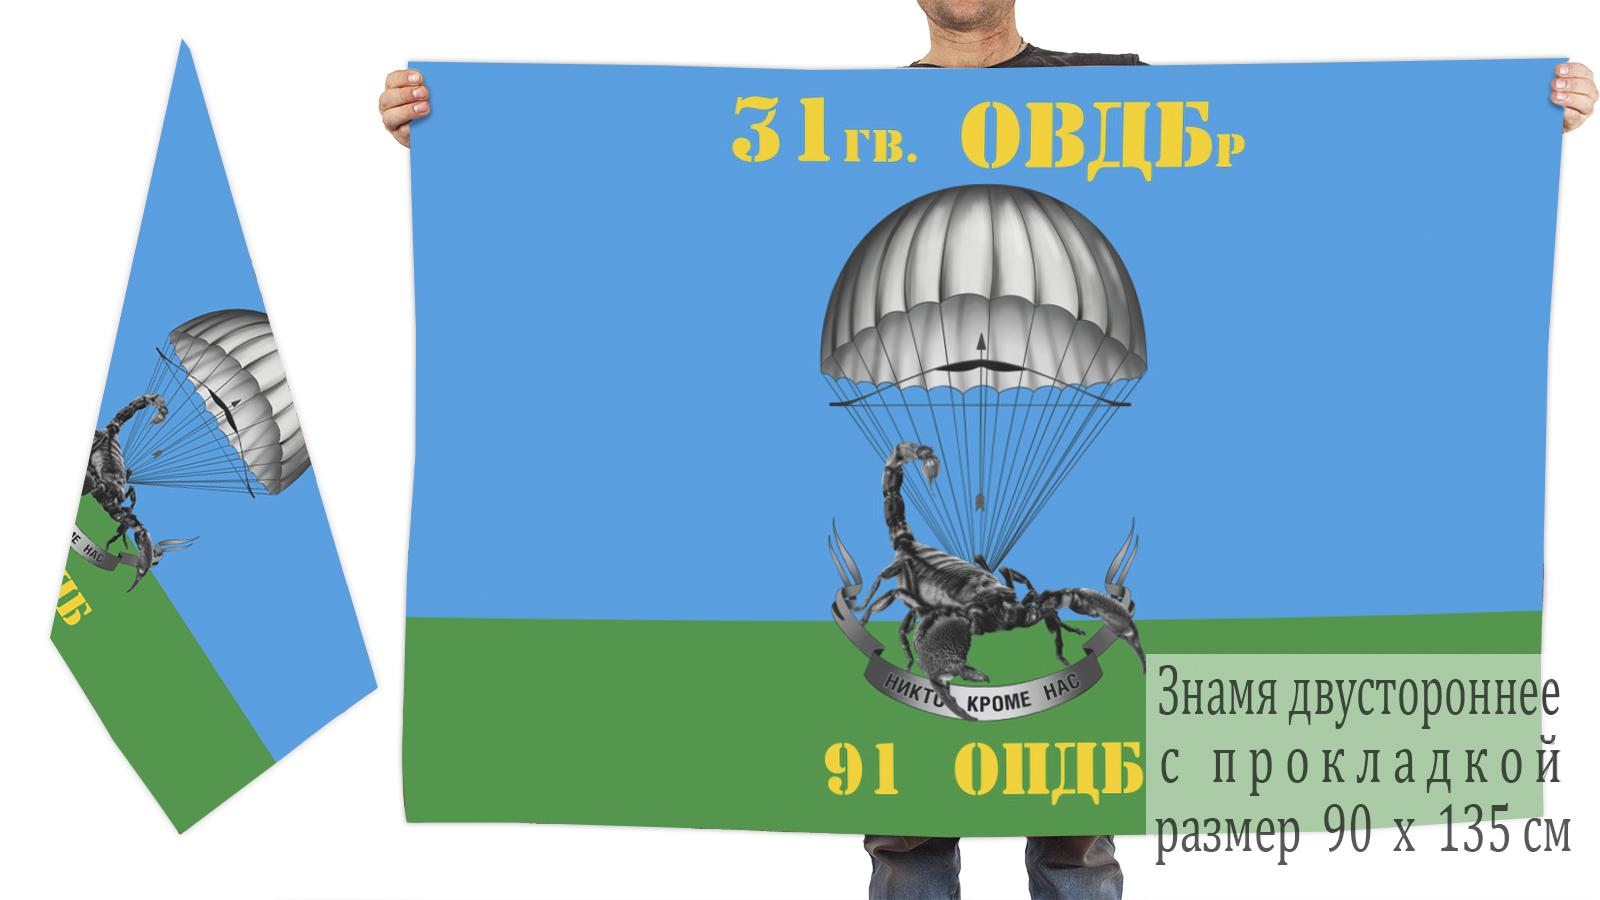 Двухсторонний флаг ВДВ 31 гв. ОВДБр 91 ОПДБ